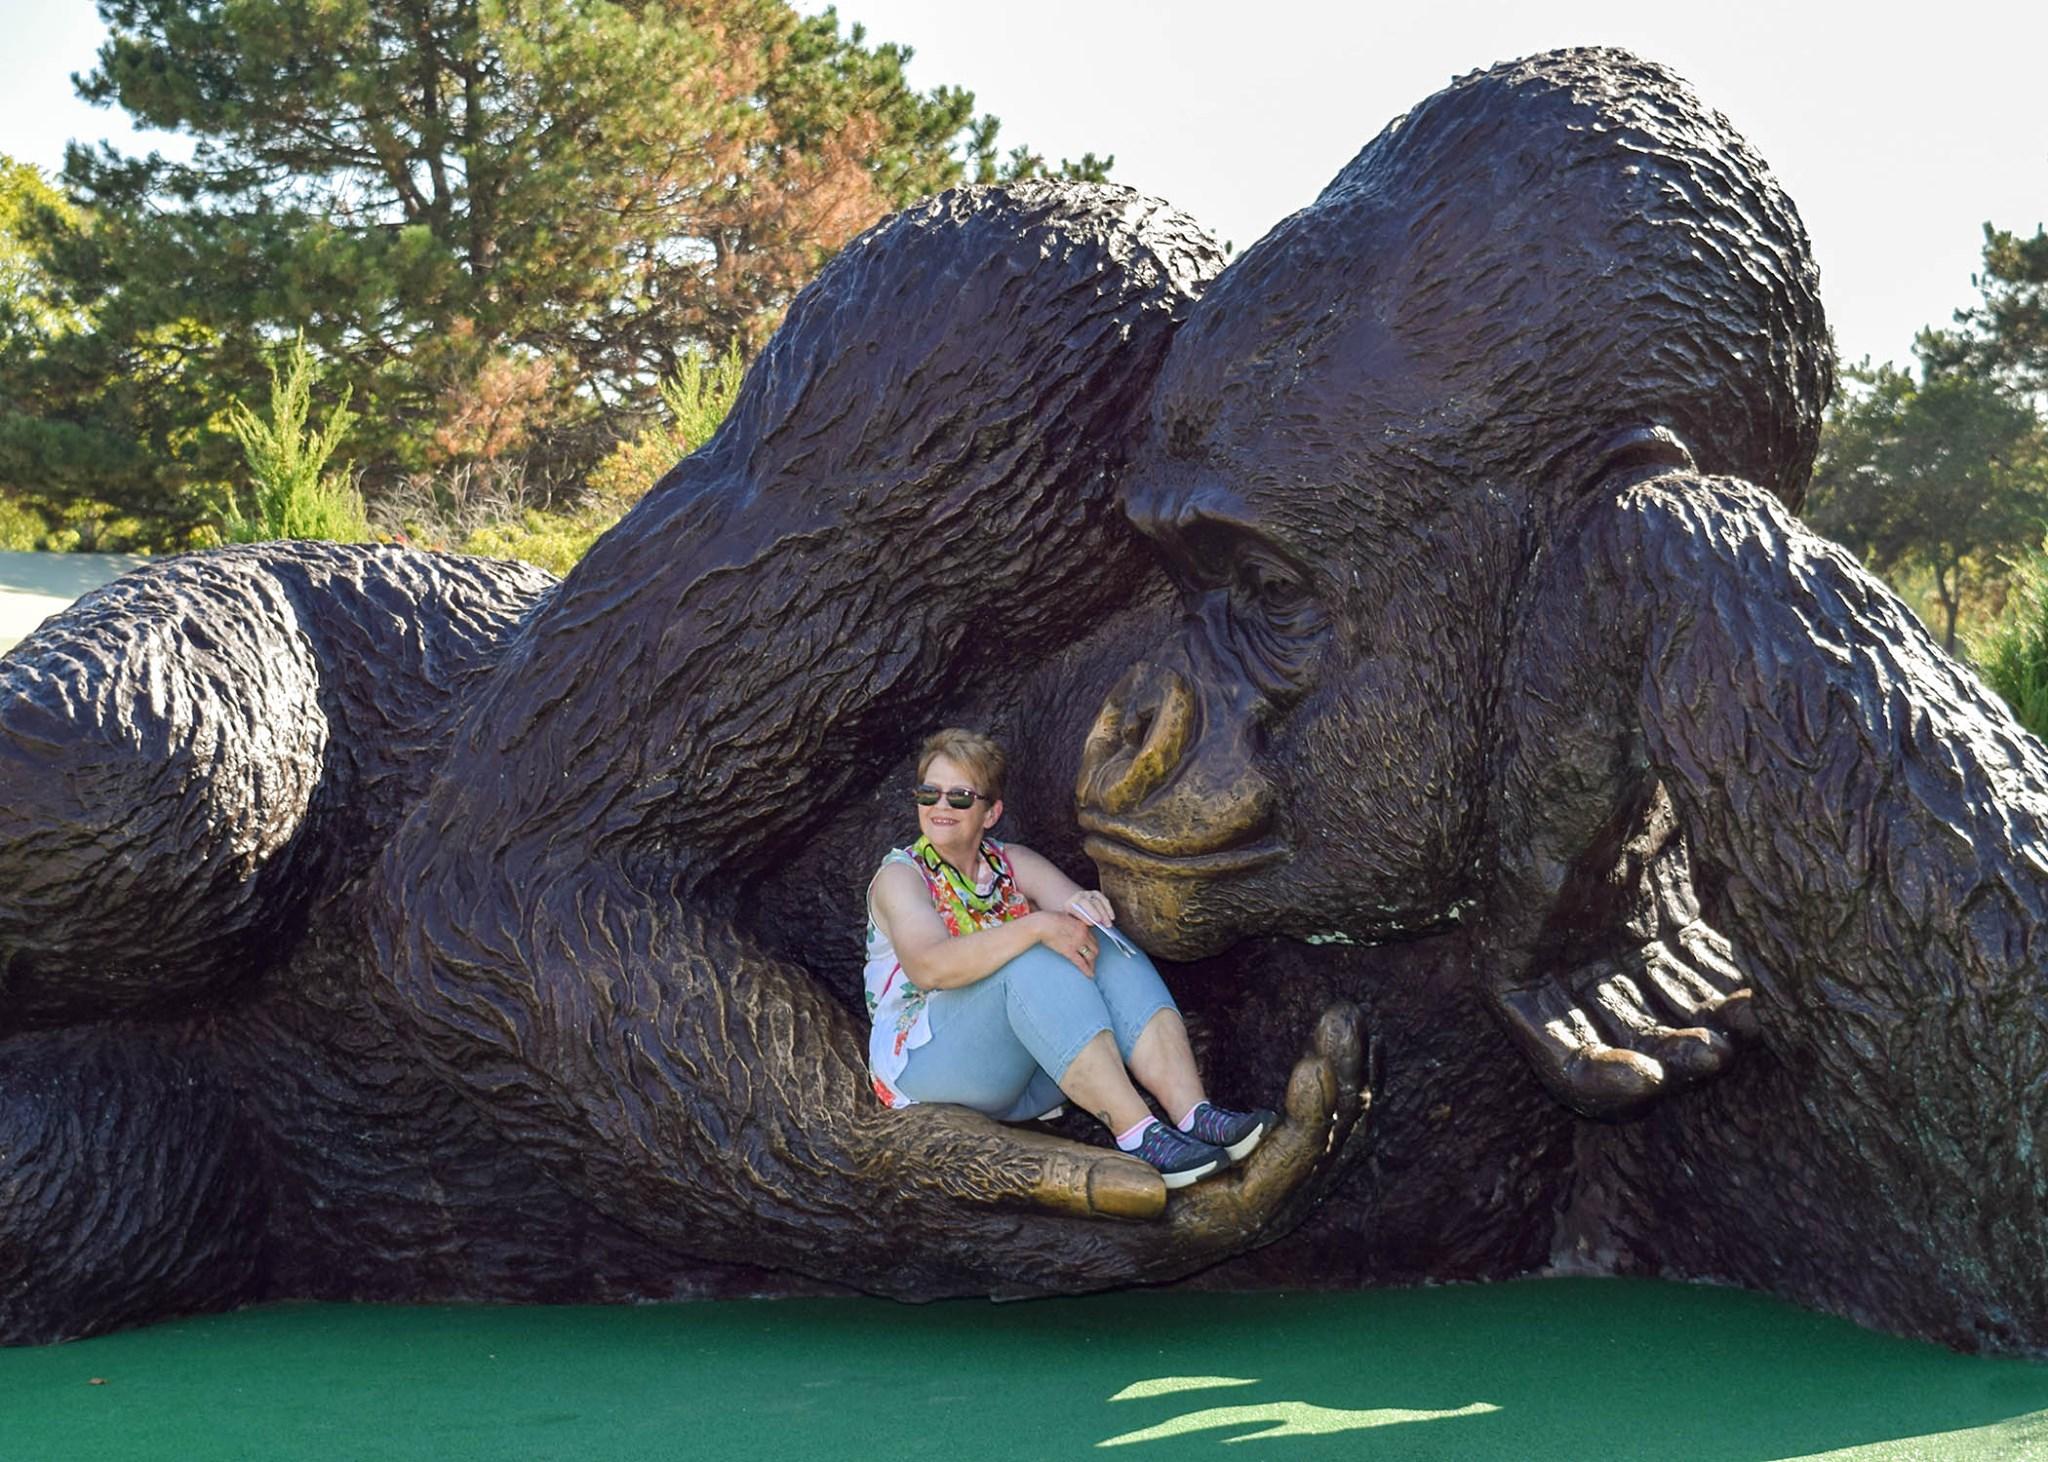 В США поставили самую большую бронзовую скульптуру гориллы в мире.Вокруг Света. Украина